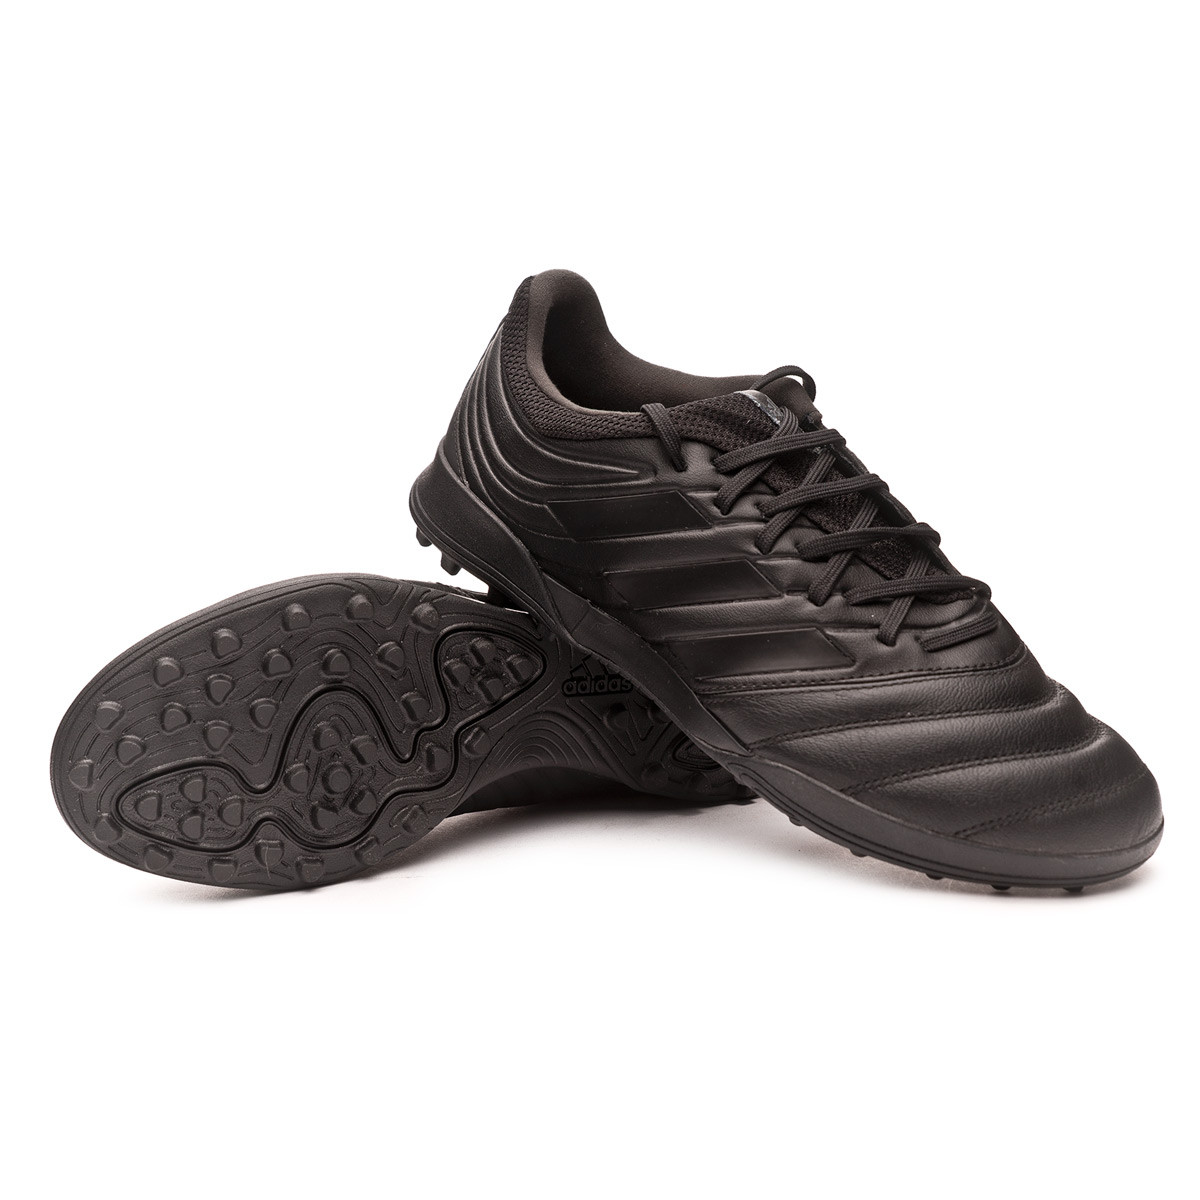 Football Boots adidas Copa 19.3 Turf